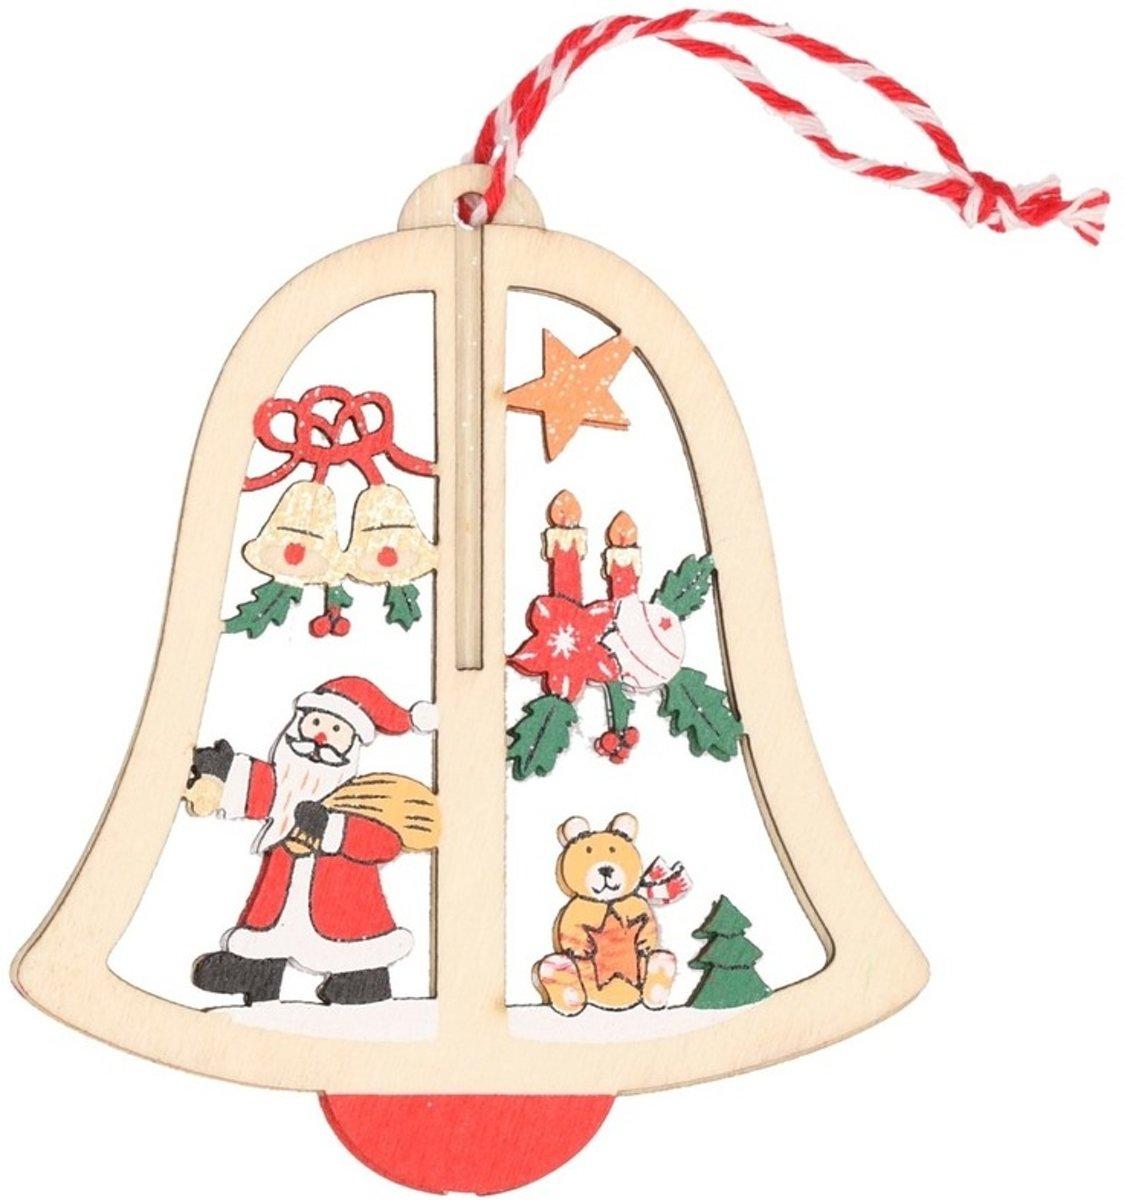 Houten bel met kerstman kerstversiering hangdecoratie 10 cm kopen